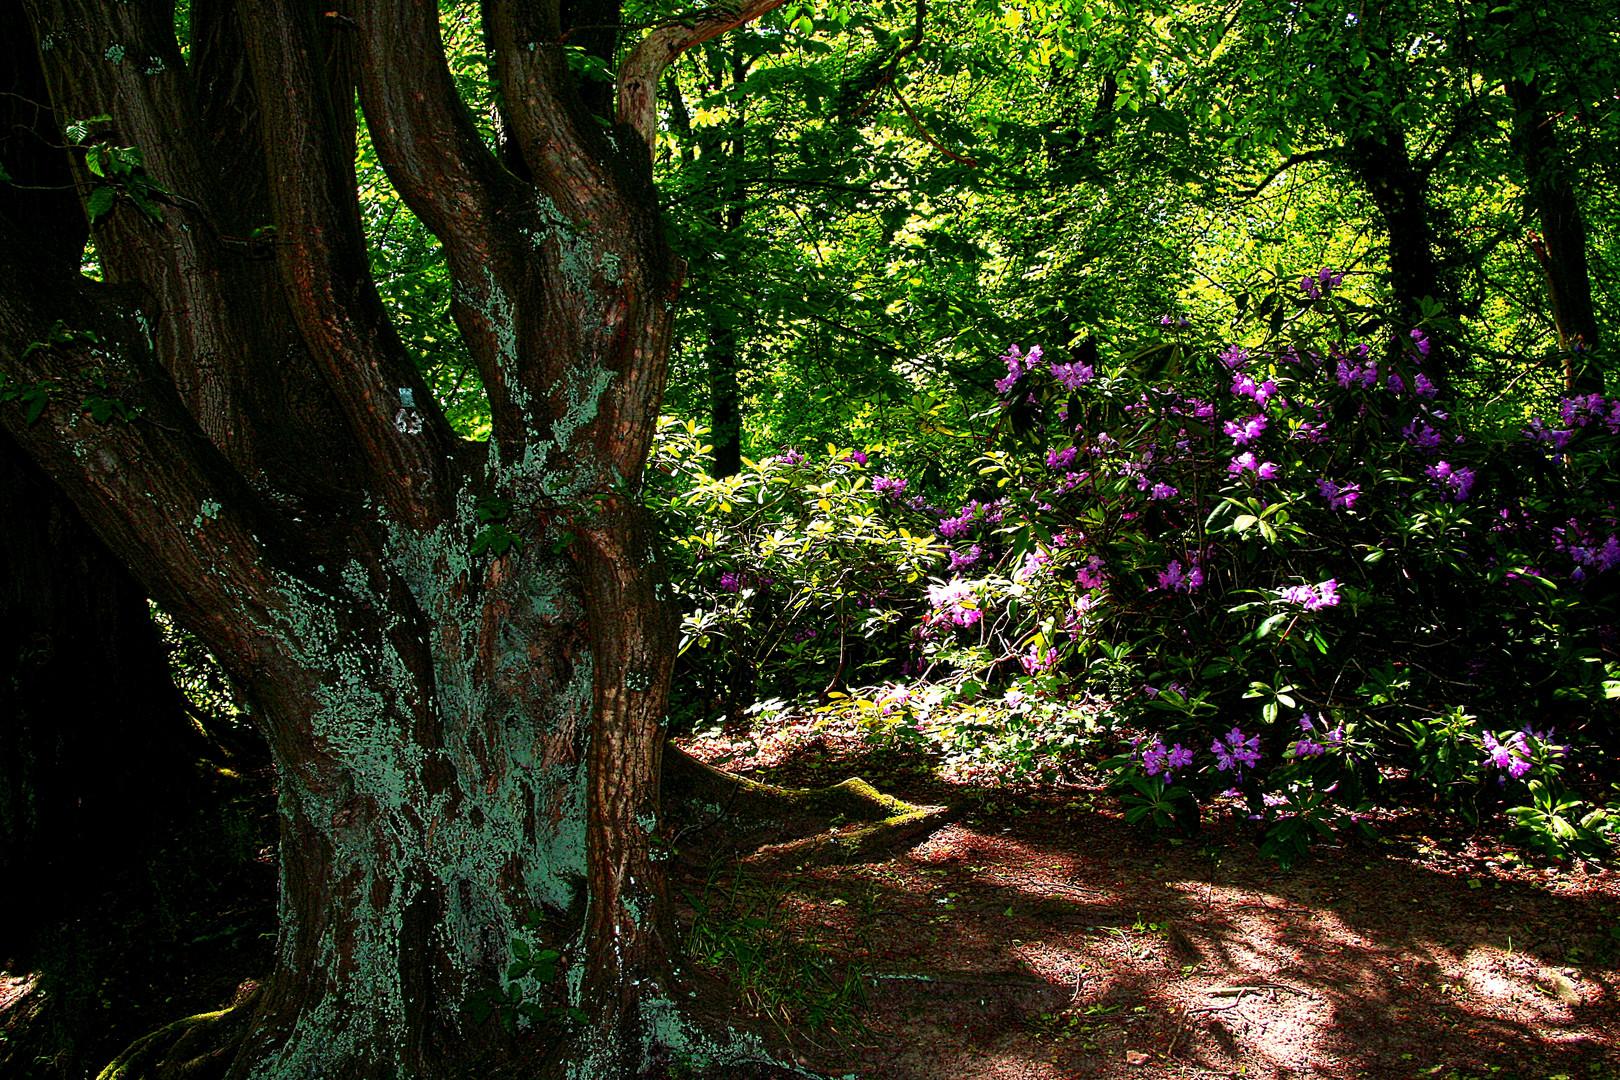 Ein verwunschener Waldweg voller Geheimnisse